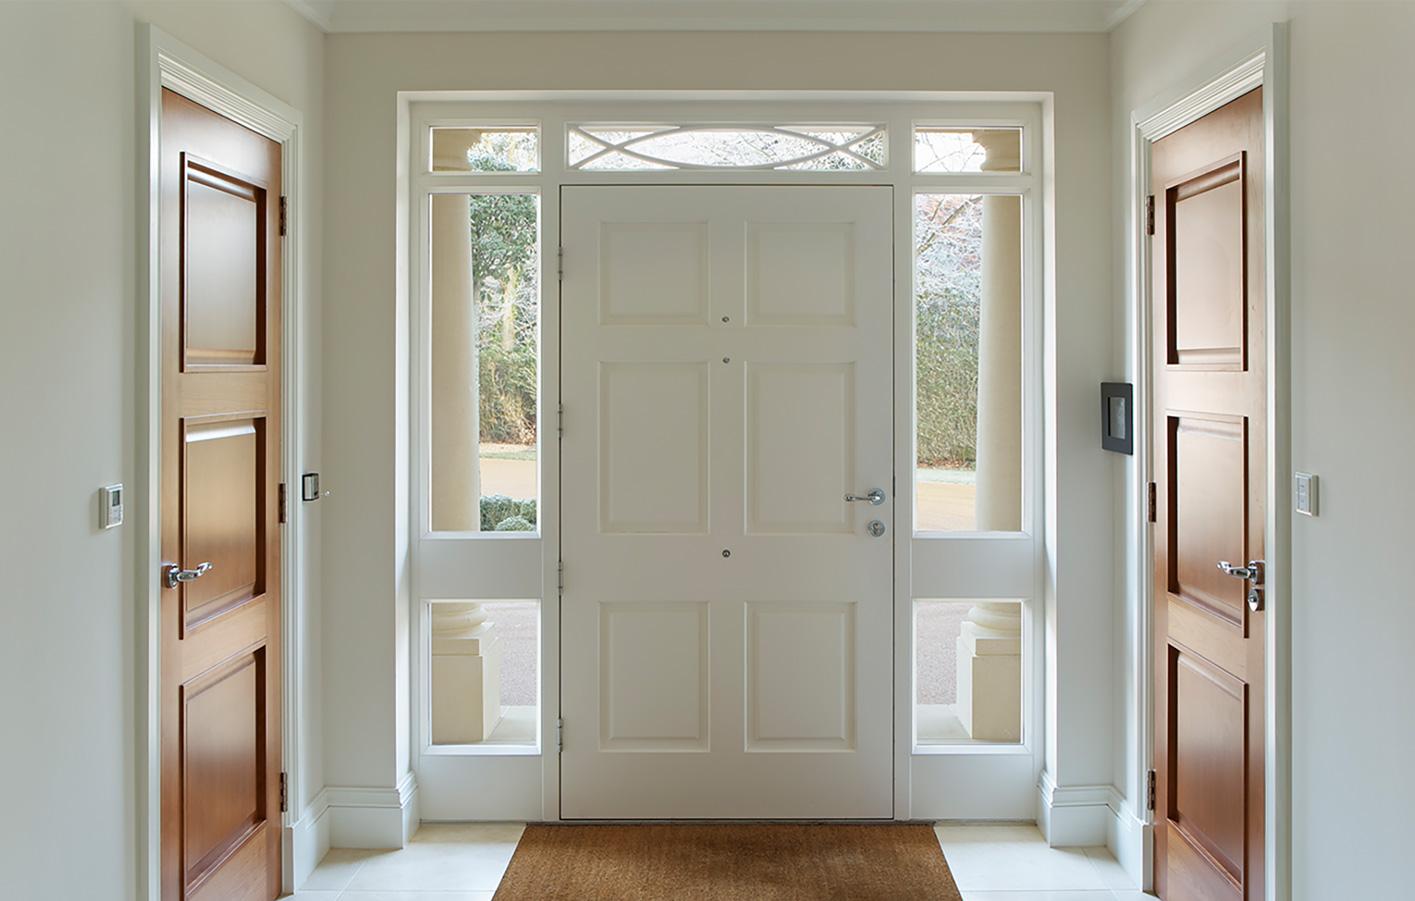 Zimmertüren Stuttgart türen zimmertüren innentüren glastüren für dortmund soest hamm